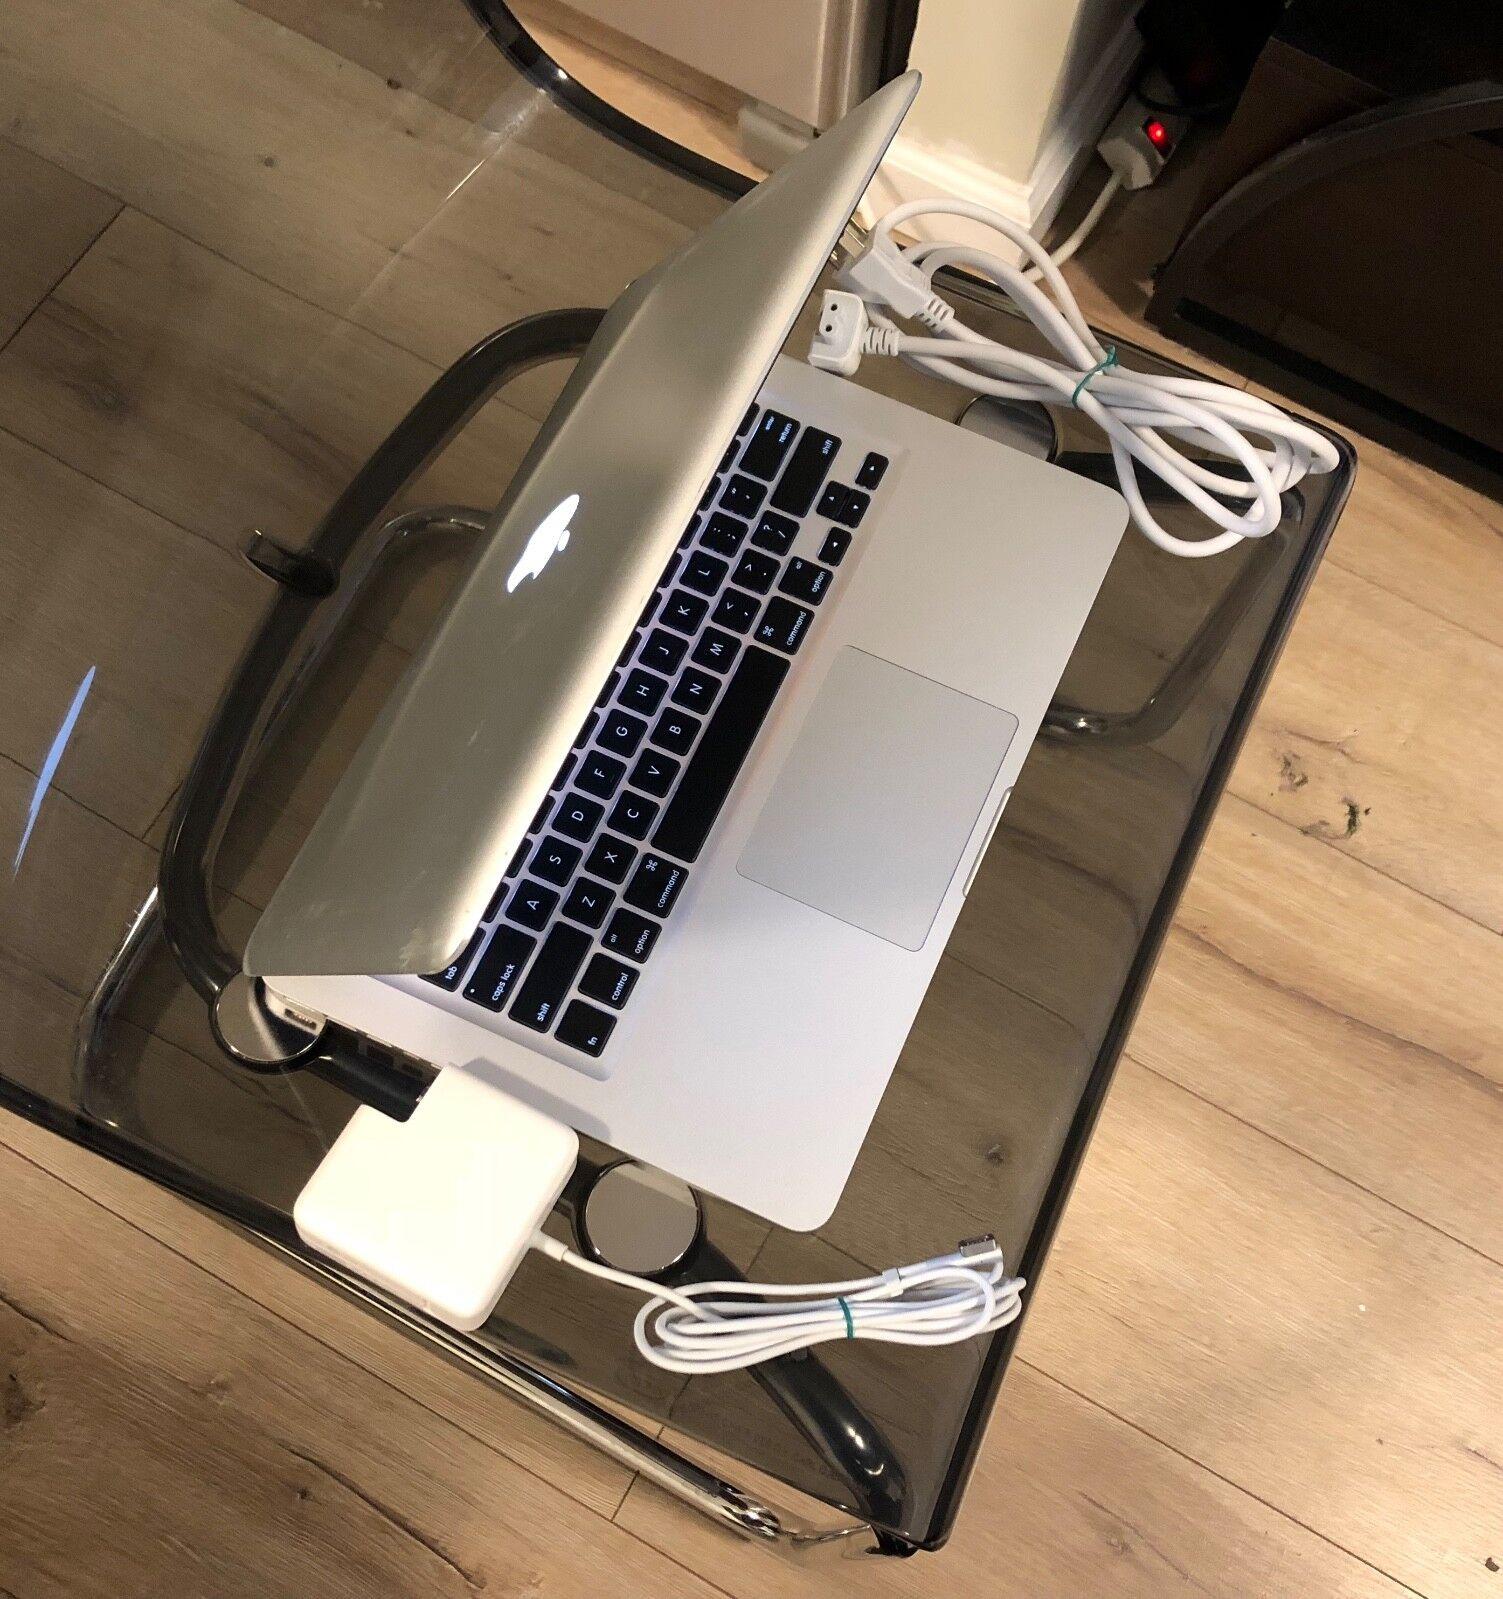 """Macbook - Apple MacBook Silver 13"""" 500GB HDD 2.3GHz i5 / 8GB OS X High Sierra 2017. Office"""